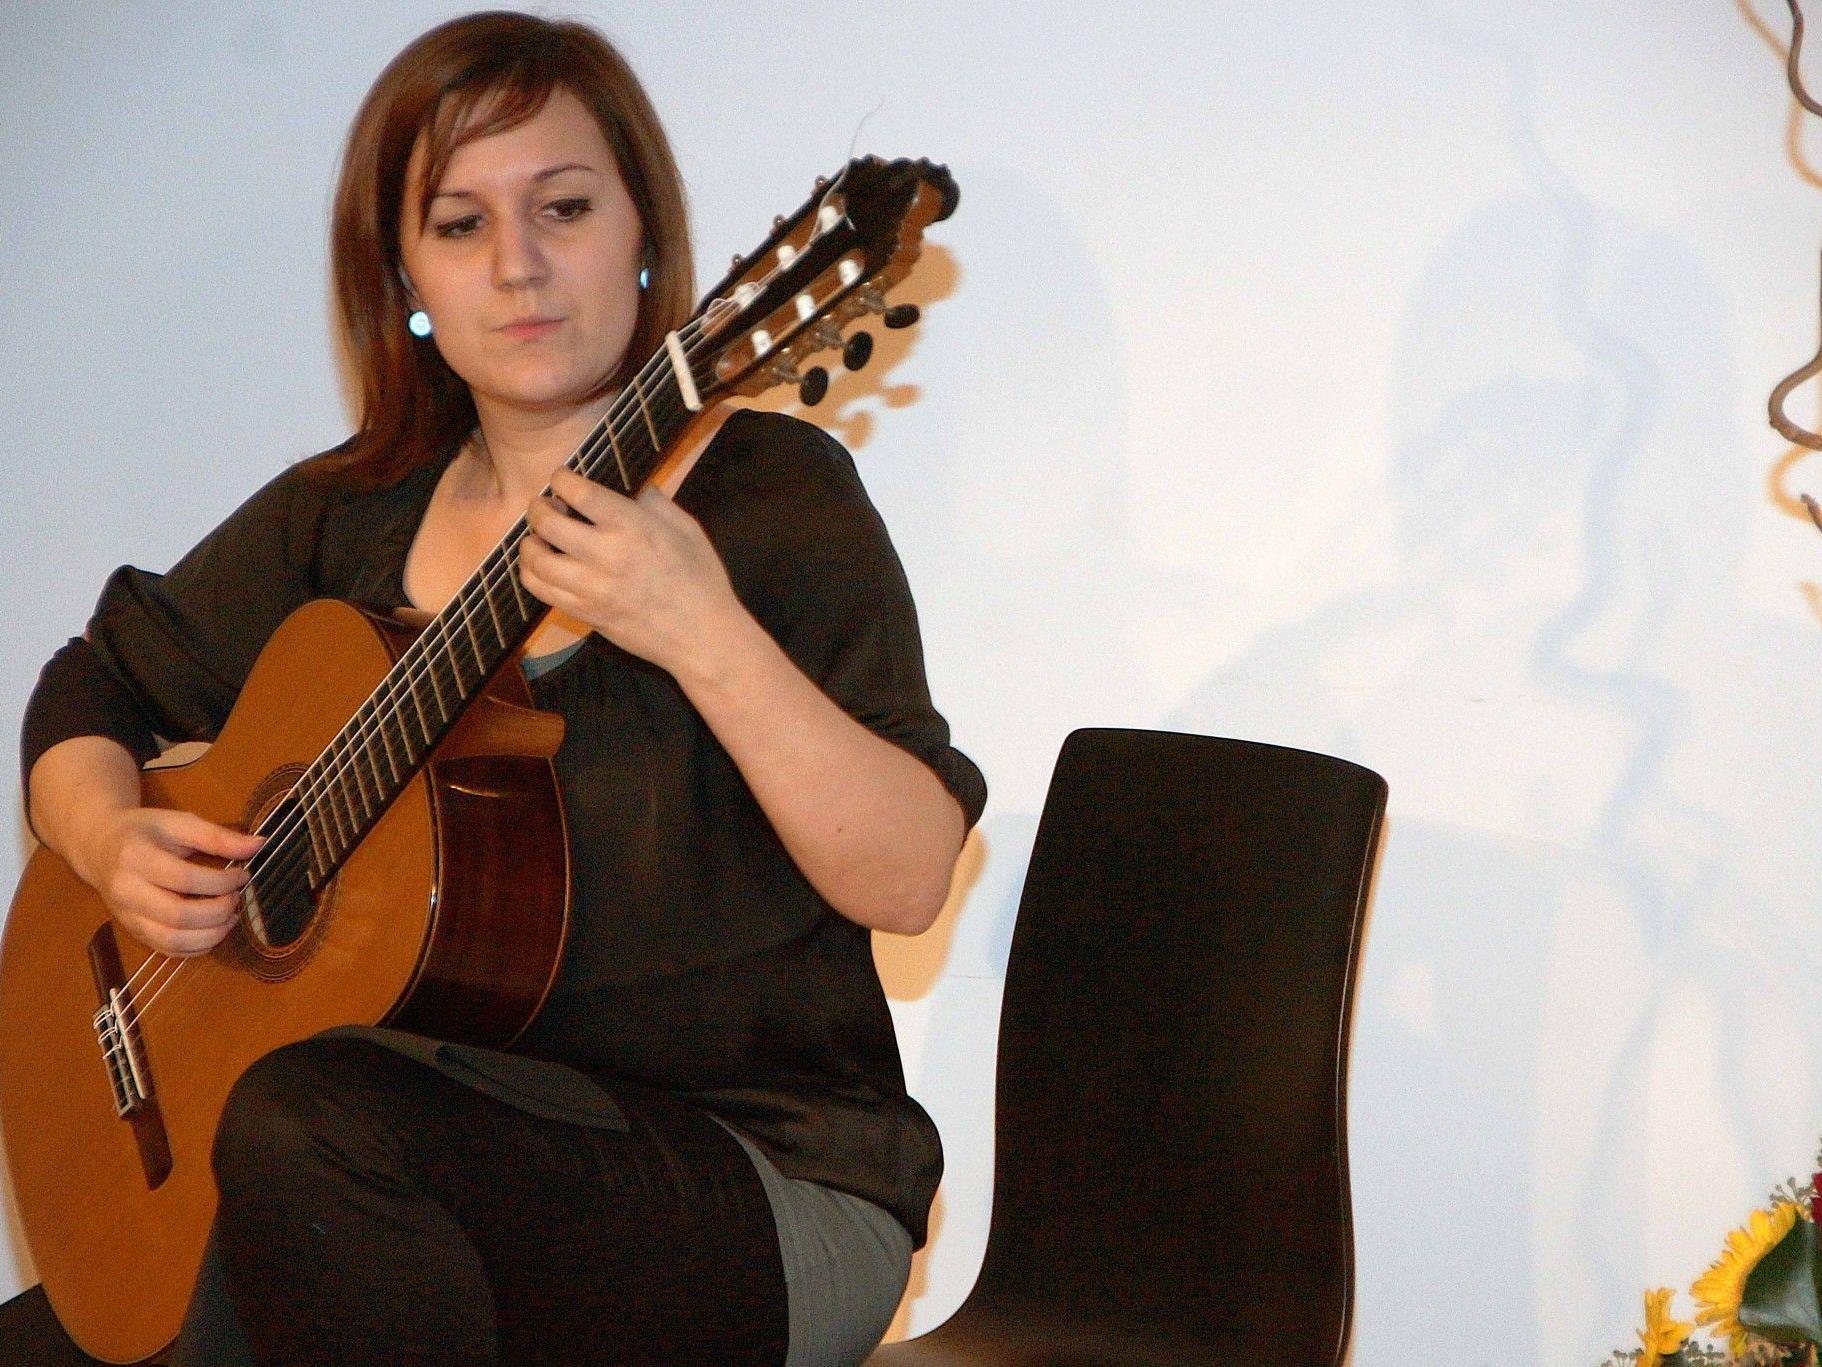 Angela Mair spielte sich in der Villa Falkenhorst in die Herzen der Zuhörer.